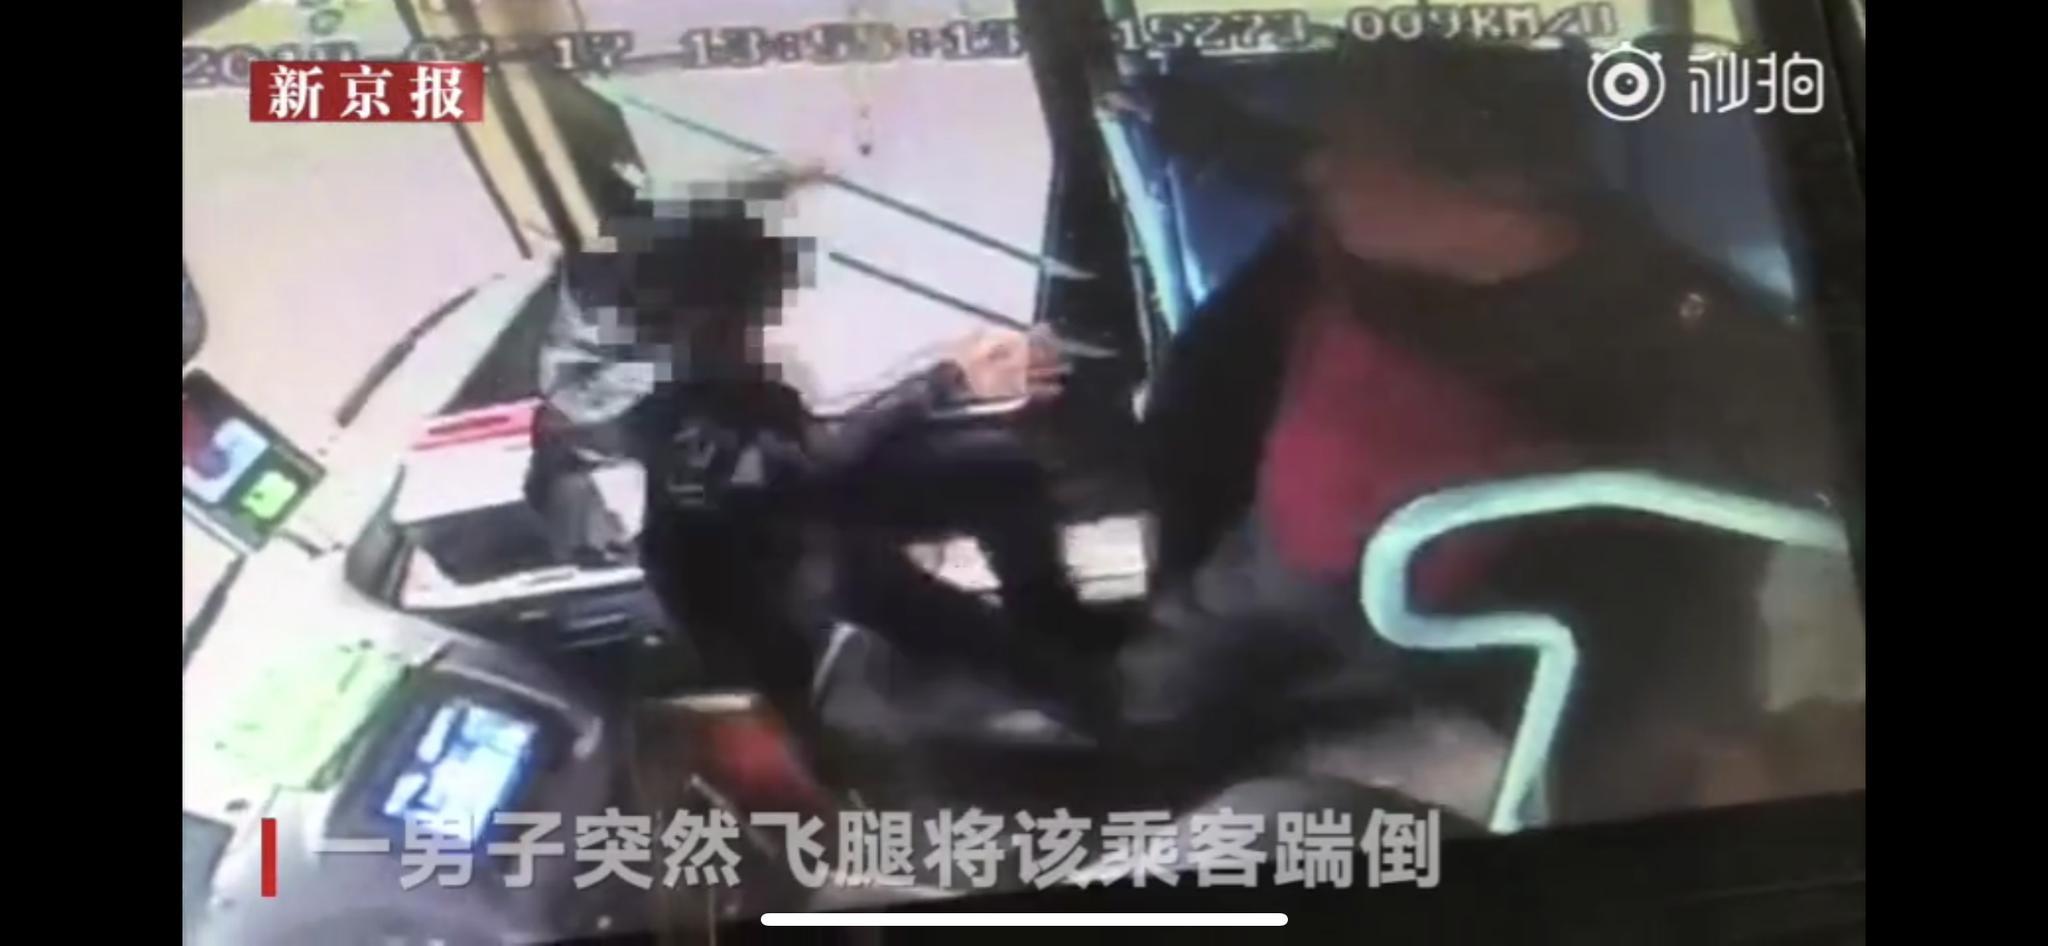 男子与公交车司机起争执被他人踹倒 警方寻找当事人